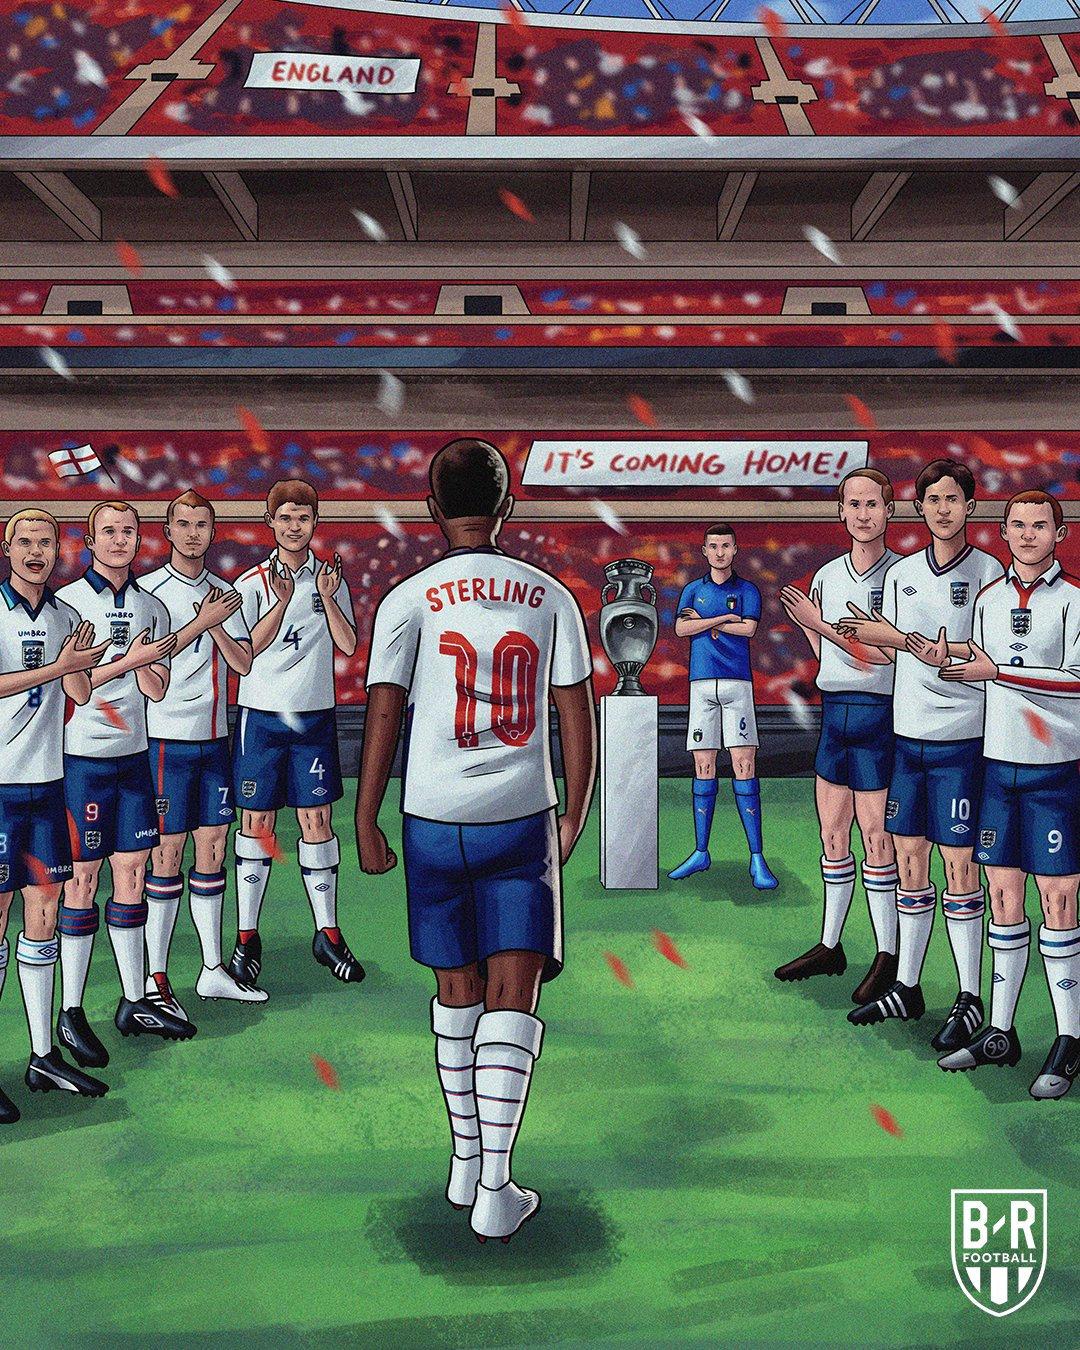 媒体漫画,英格兰队前辈列队致敬斯特林。